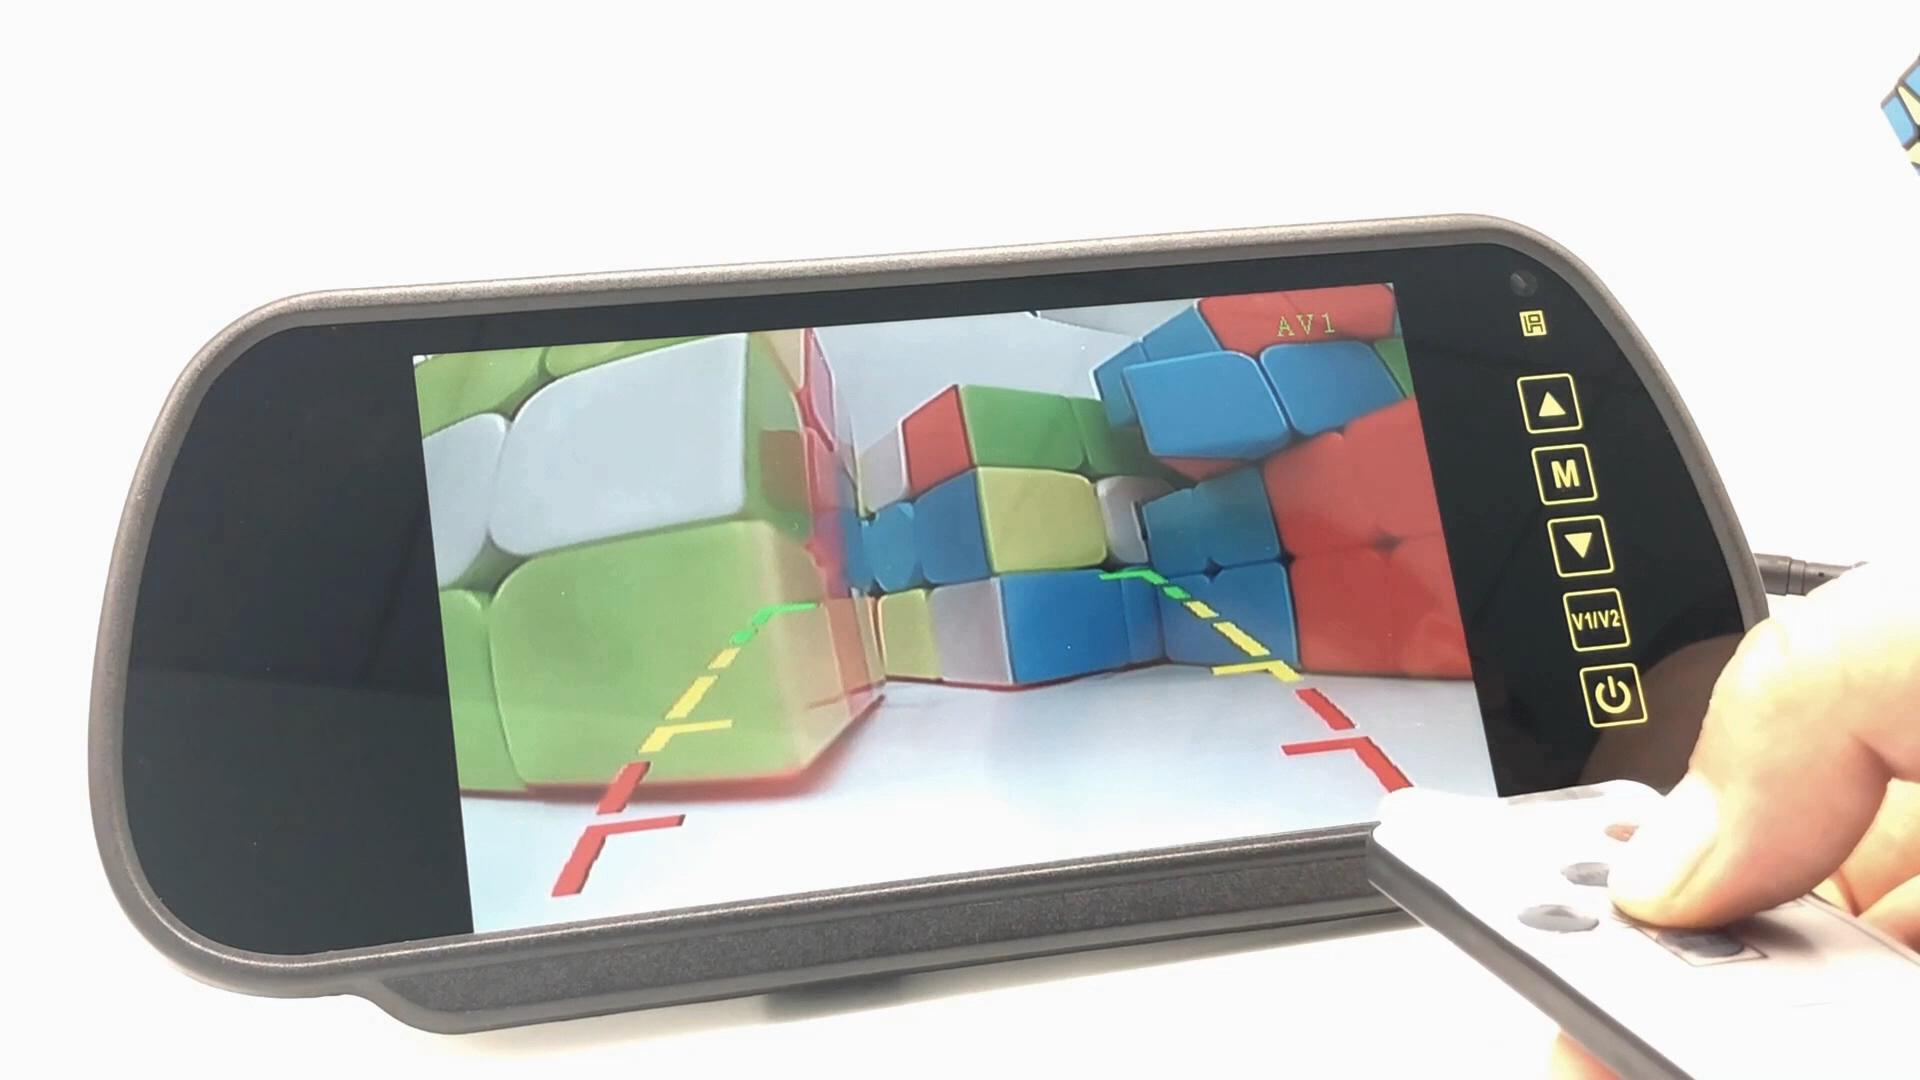 7 polegadas Monitor Espelho Retrovisor Com OEM Bracket Car Ajuda Invertendo 2CH Entradas de Vídeo 12-36V